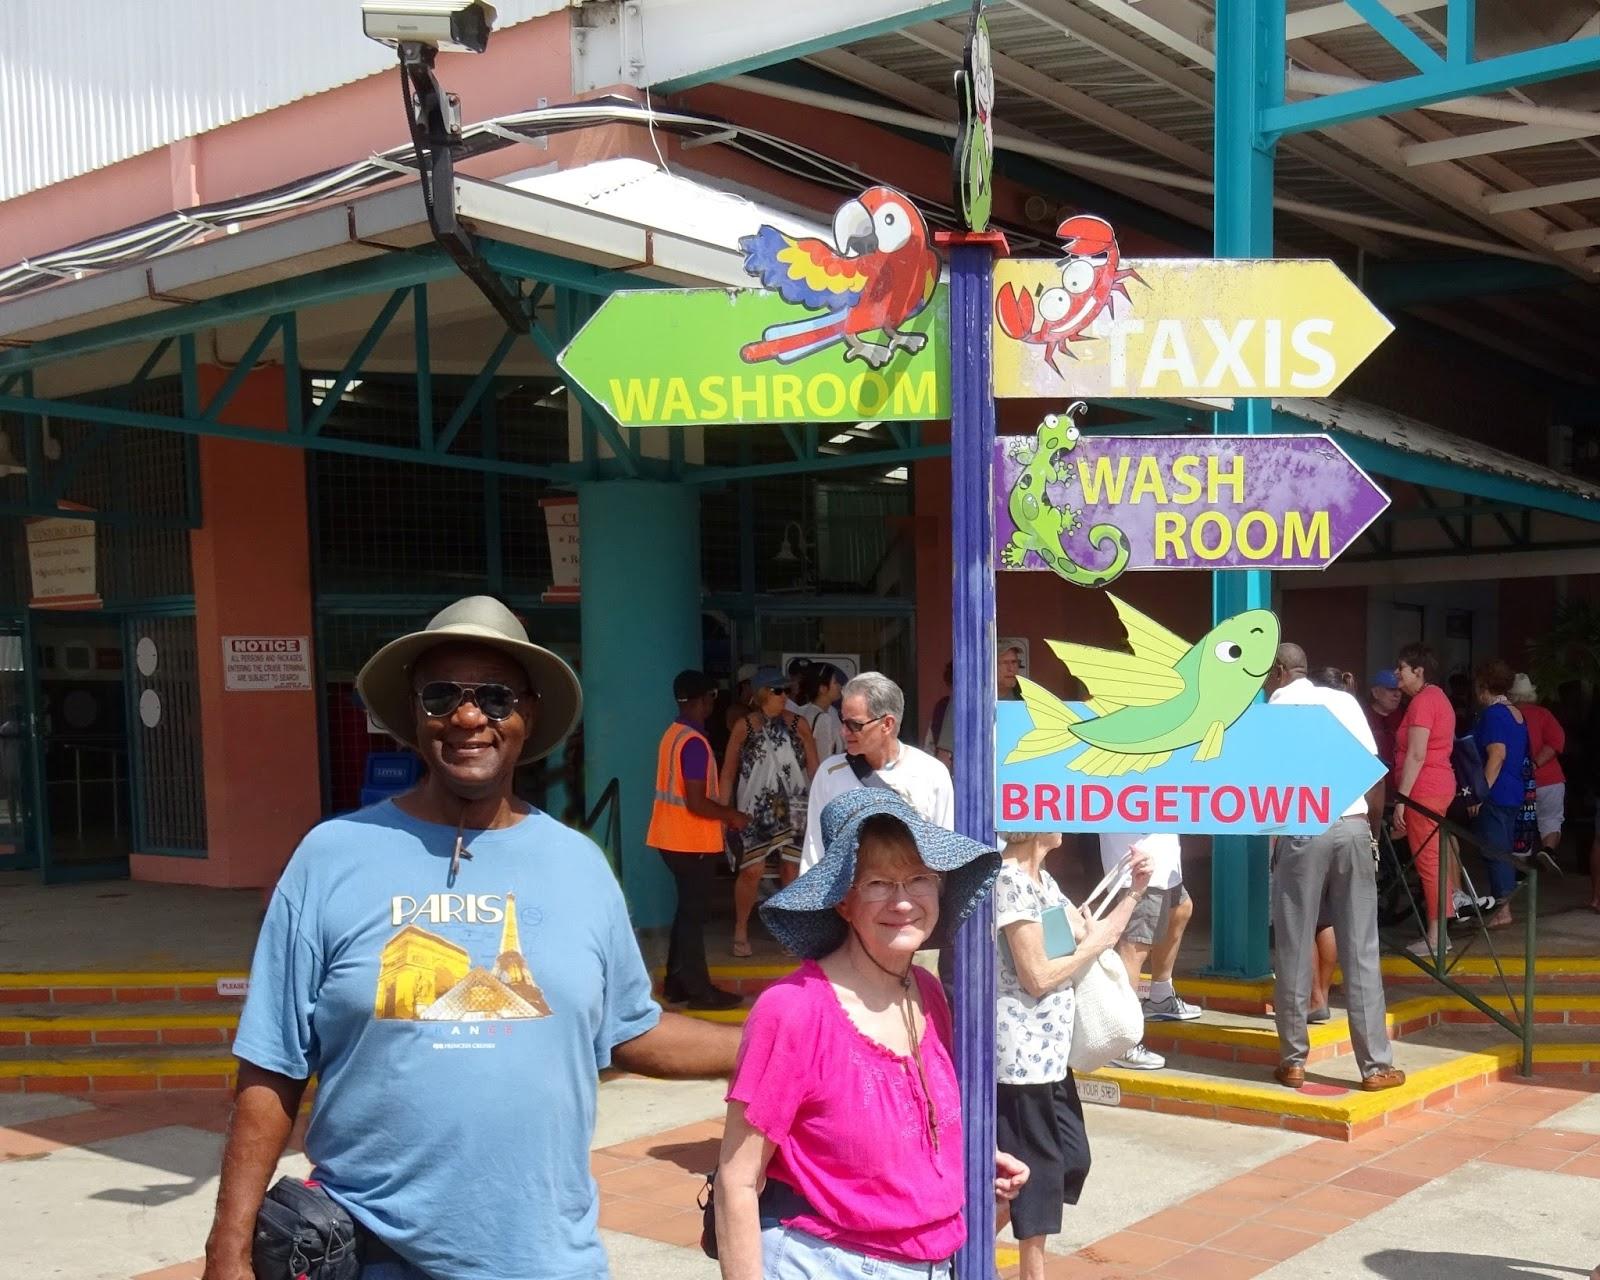 Barbados bridgetown gay